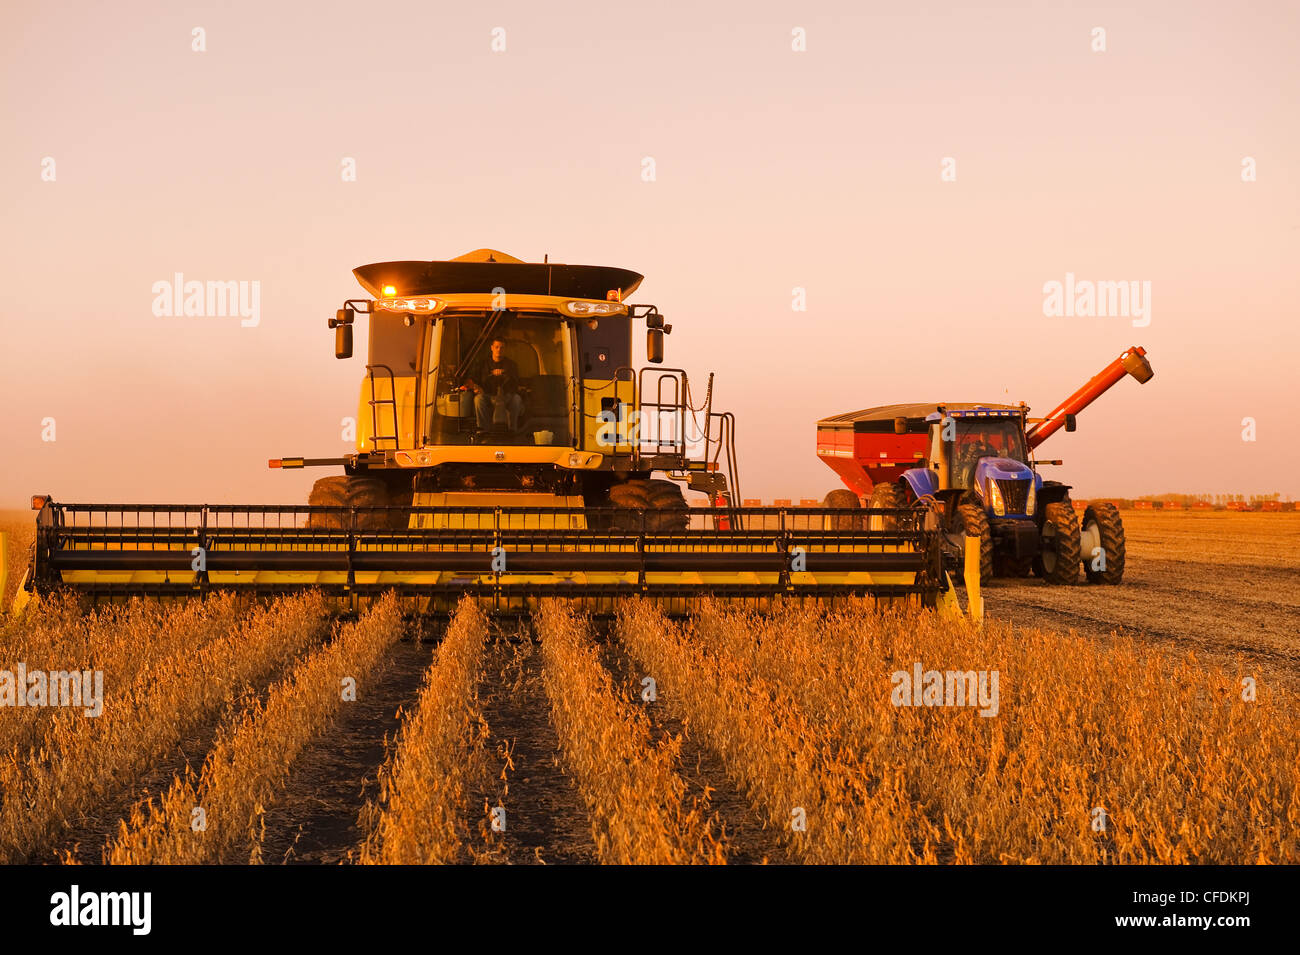 Una cosechadora y vagón de grano durante la cosecha de soja, cerca de Lorette, Manitoba, Canadá Imagen De Stock